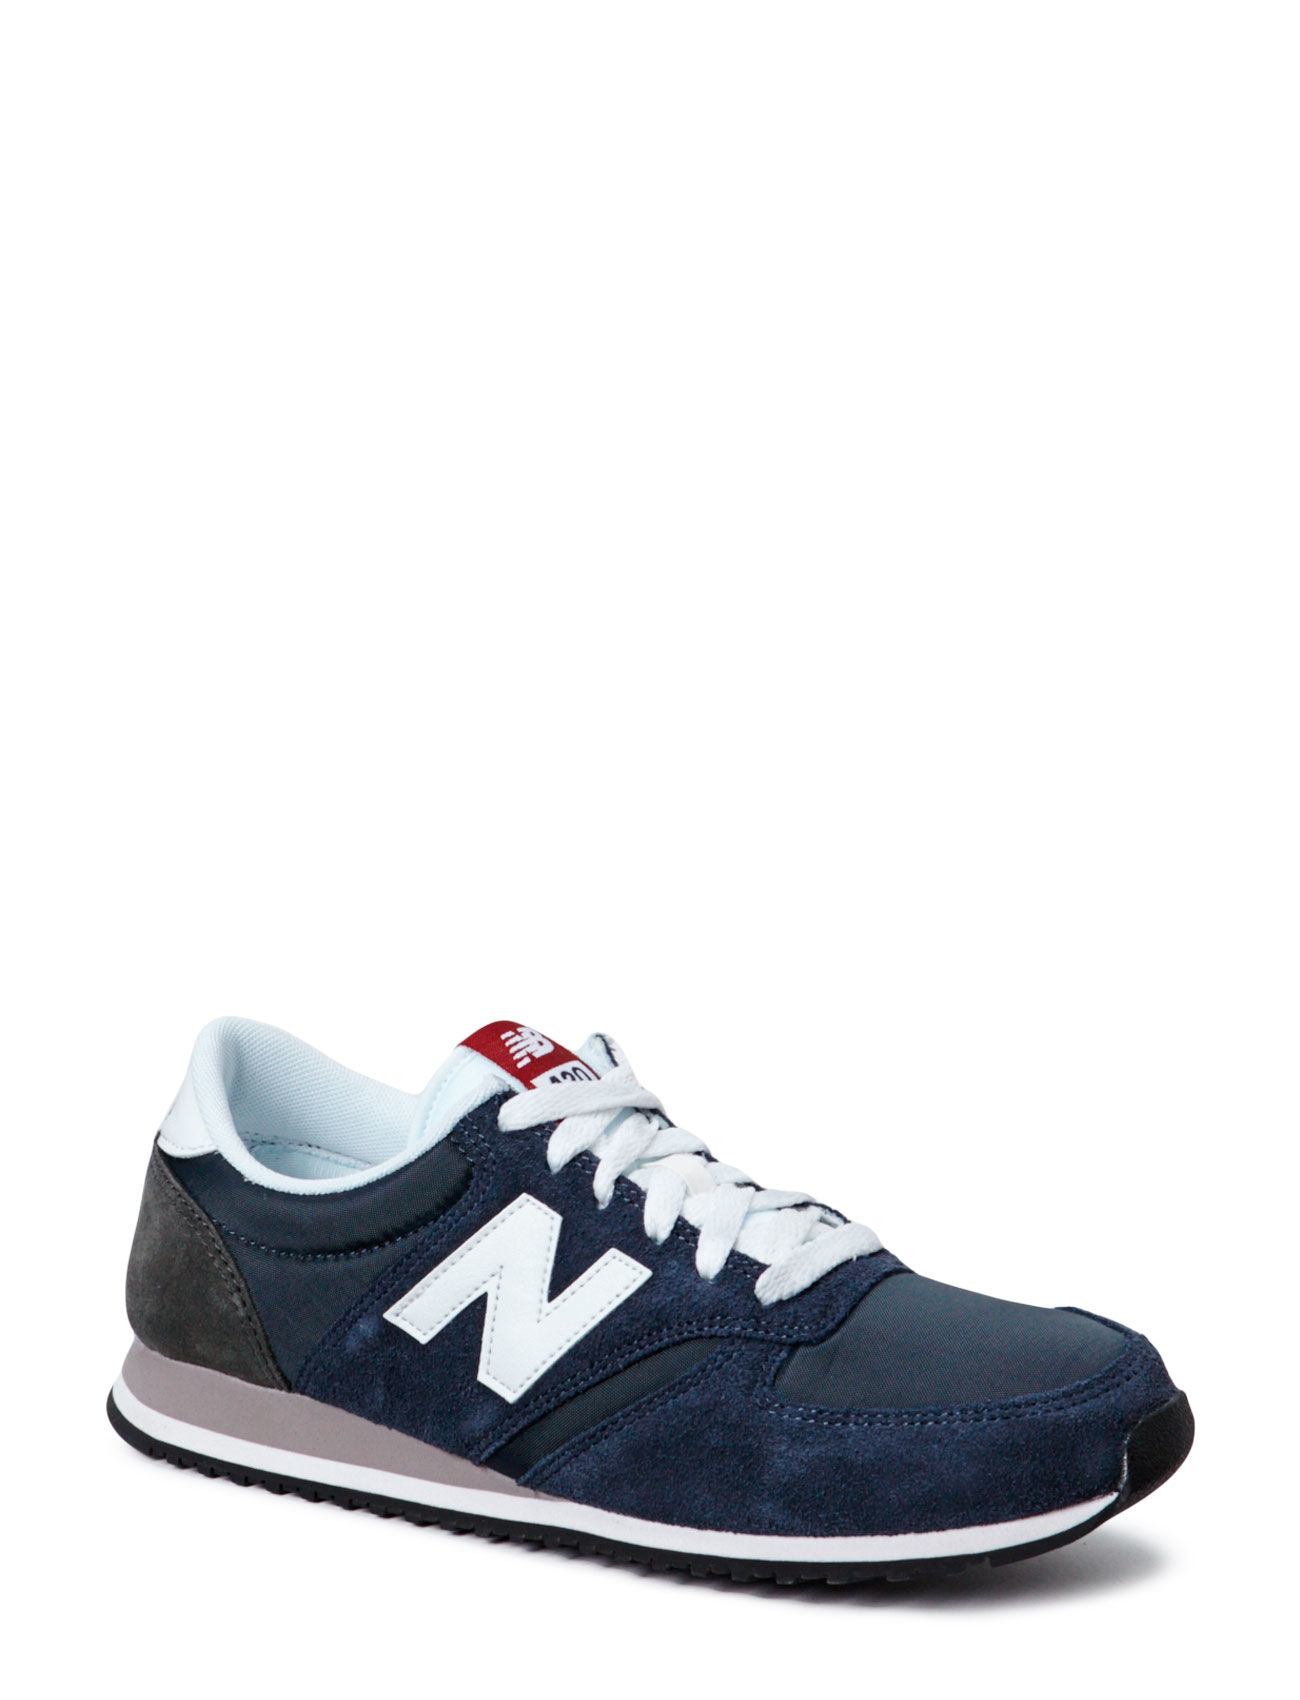 U420 New Balance Sneakers til Herrer i Navy blå